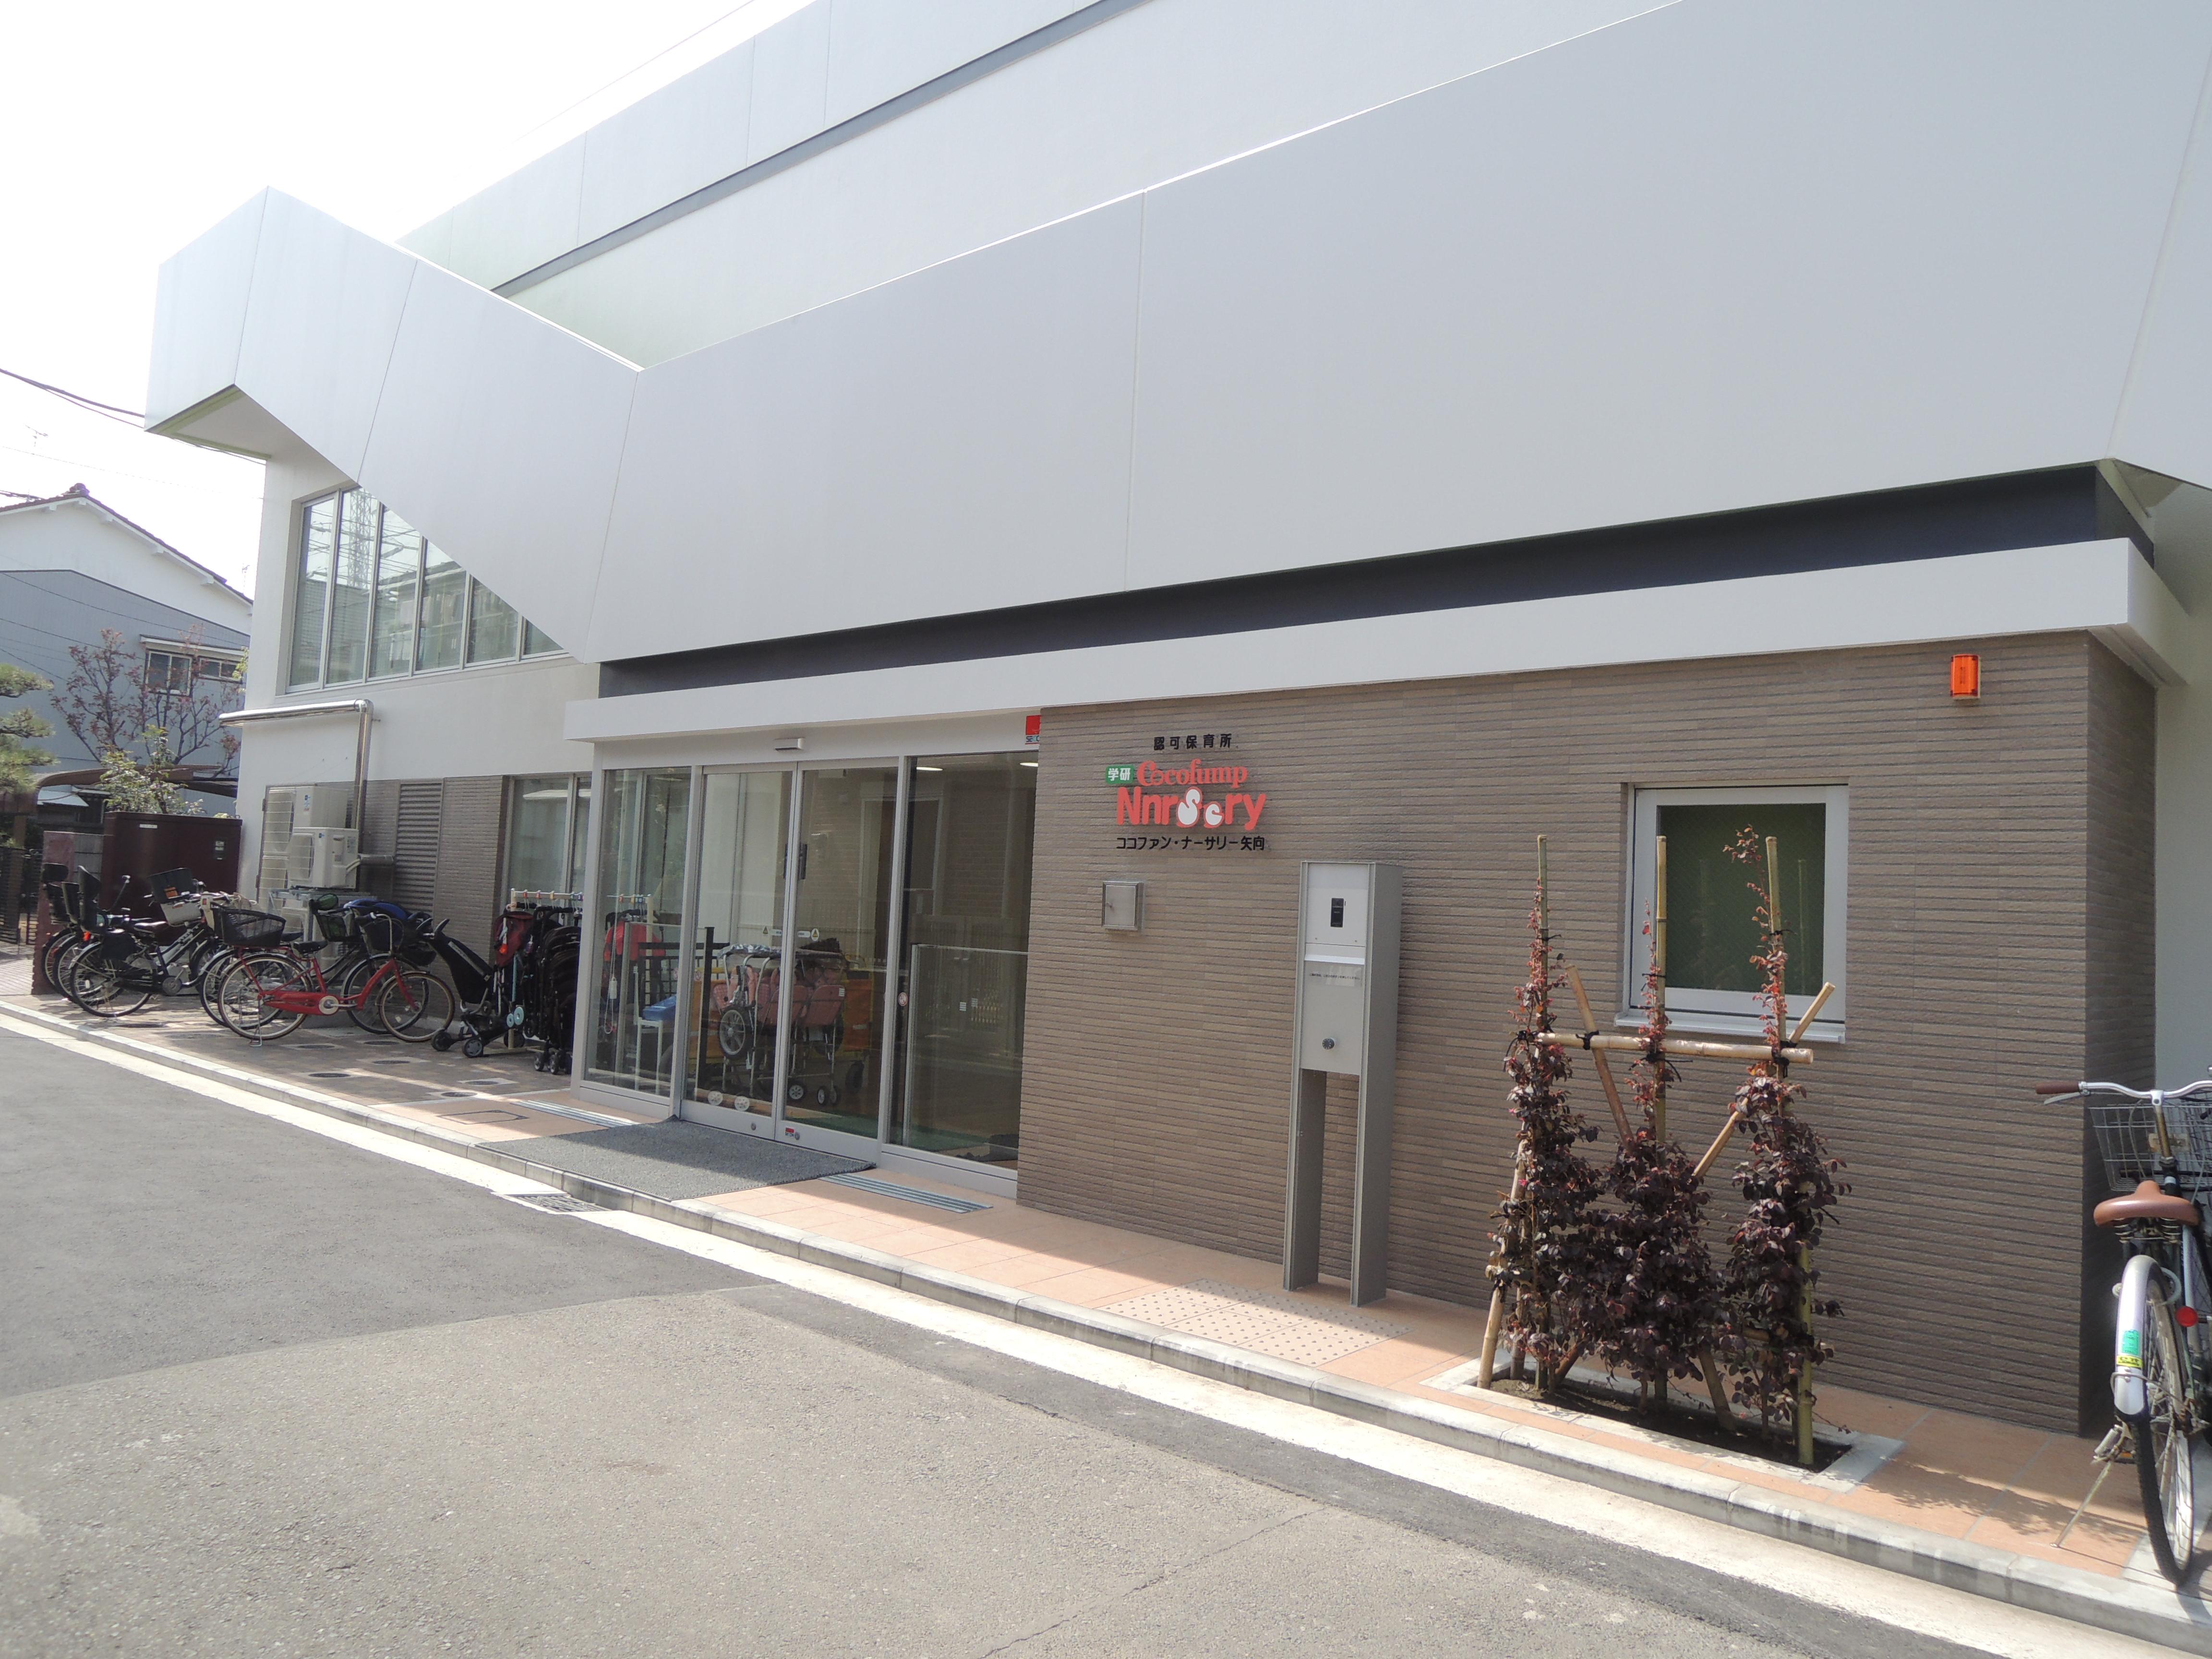 どこよりも働きやすい環境はココ(Coco)!!※関東35ヵ所に展開中